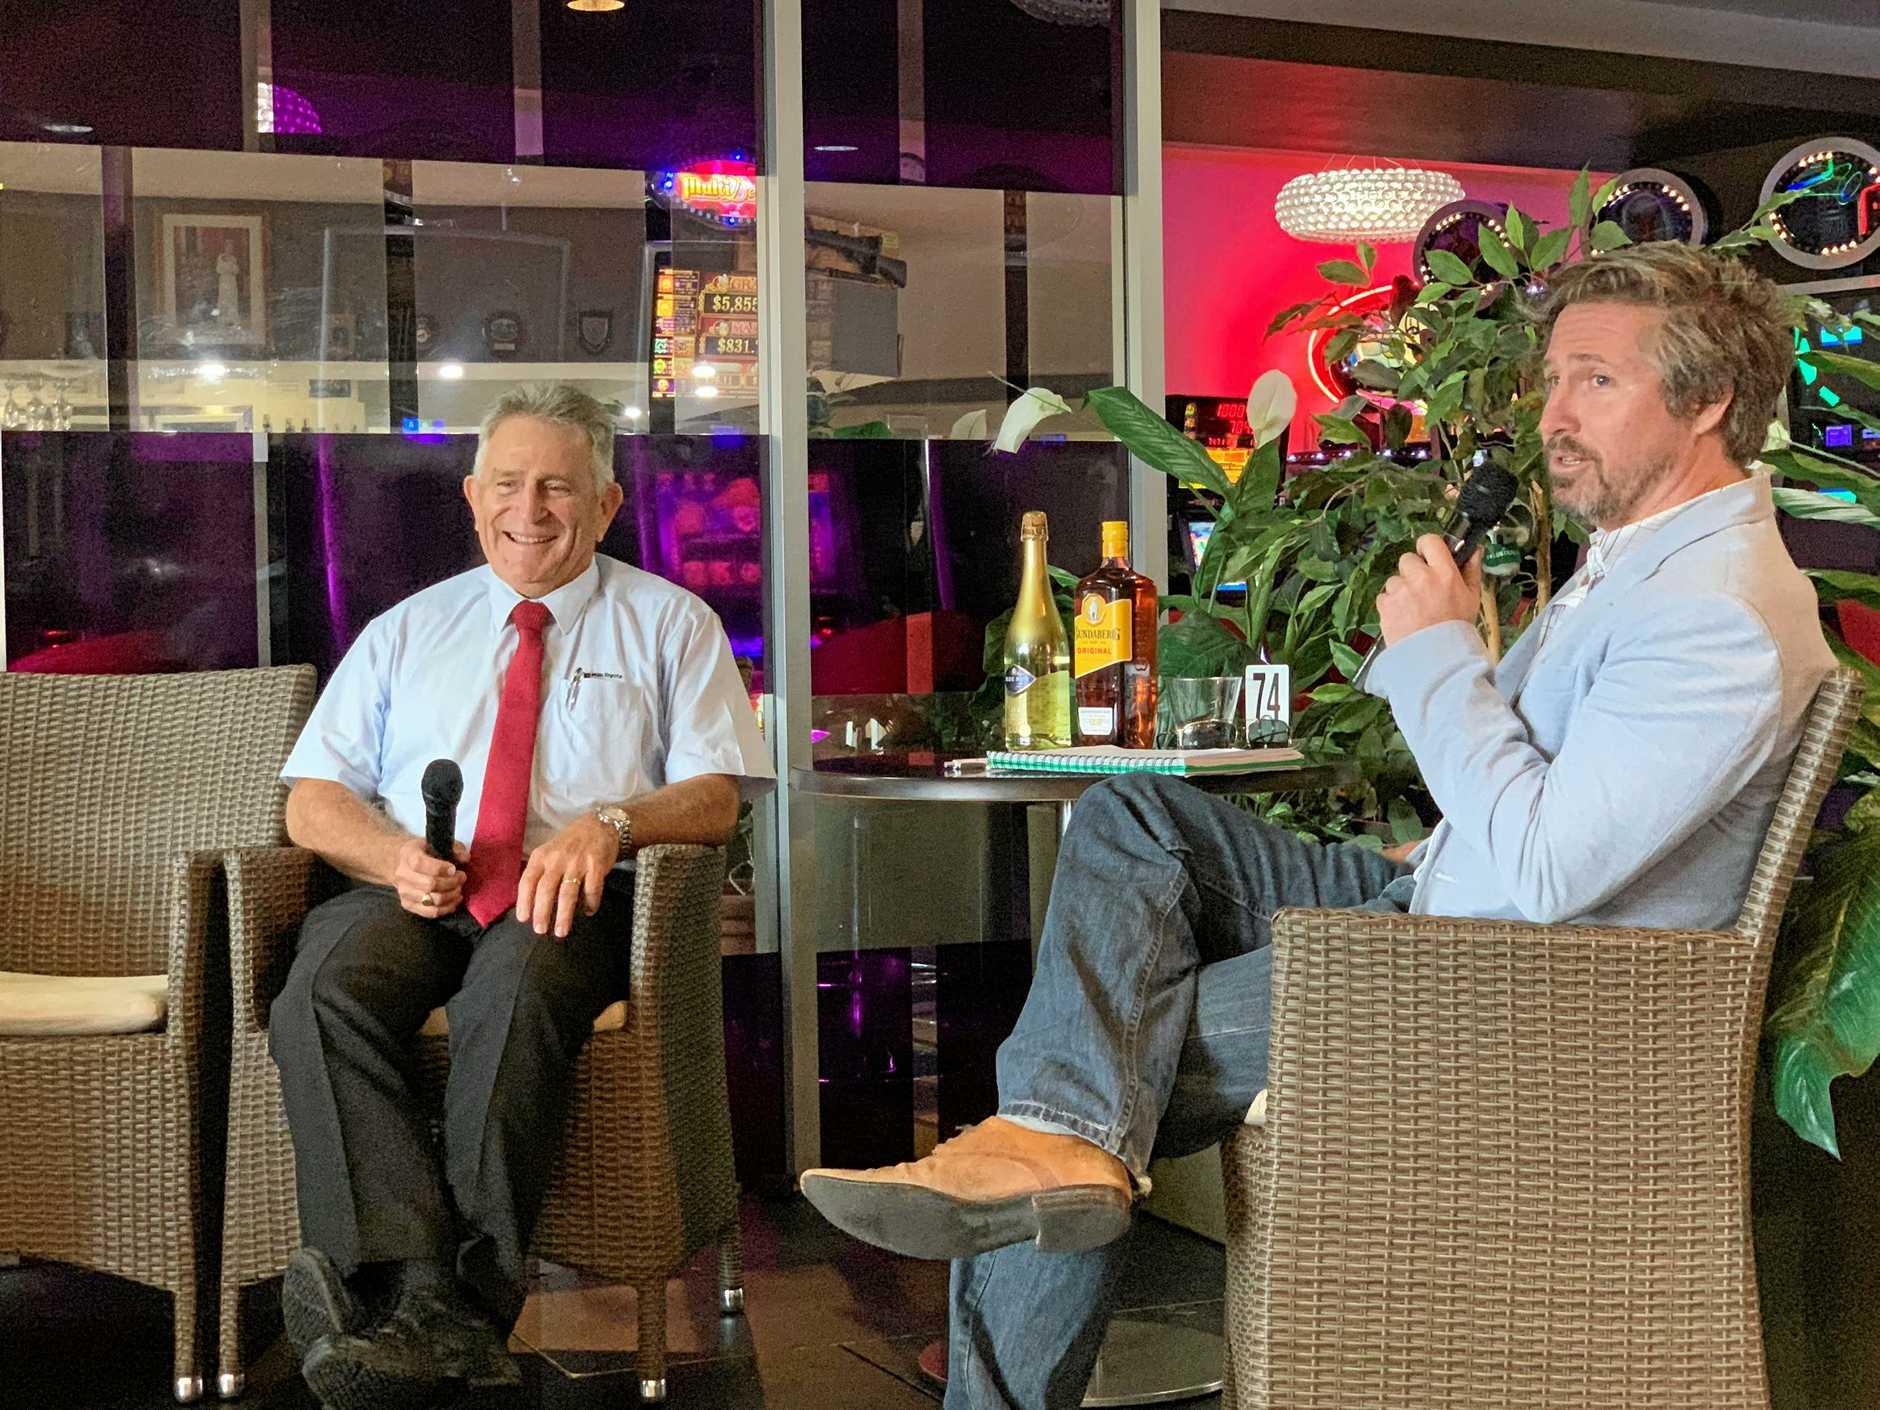 Matt Collins interviewing Ken Mills at the South Burnett Business Breakfast